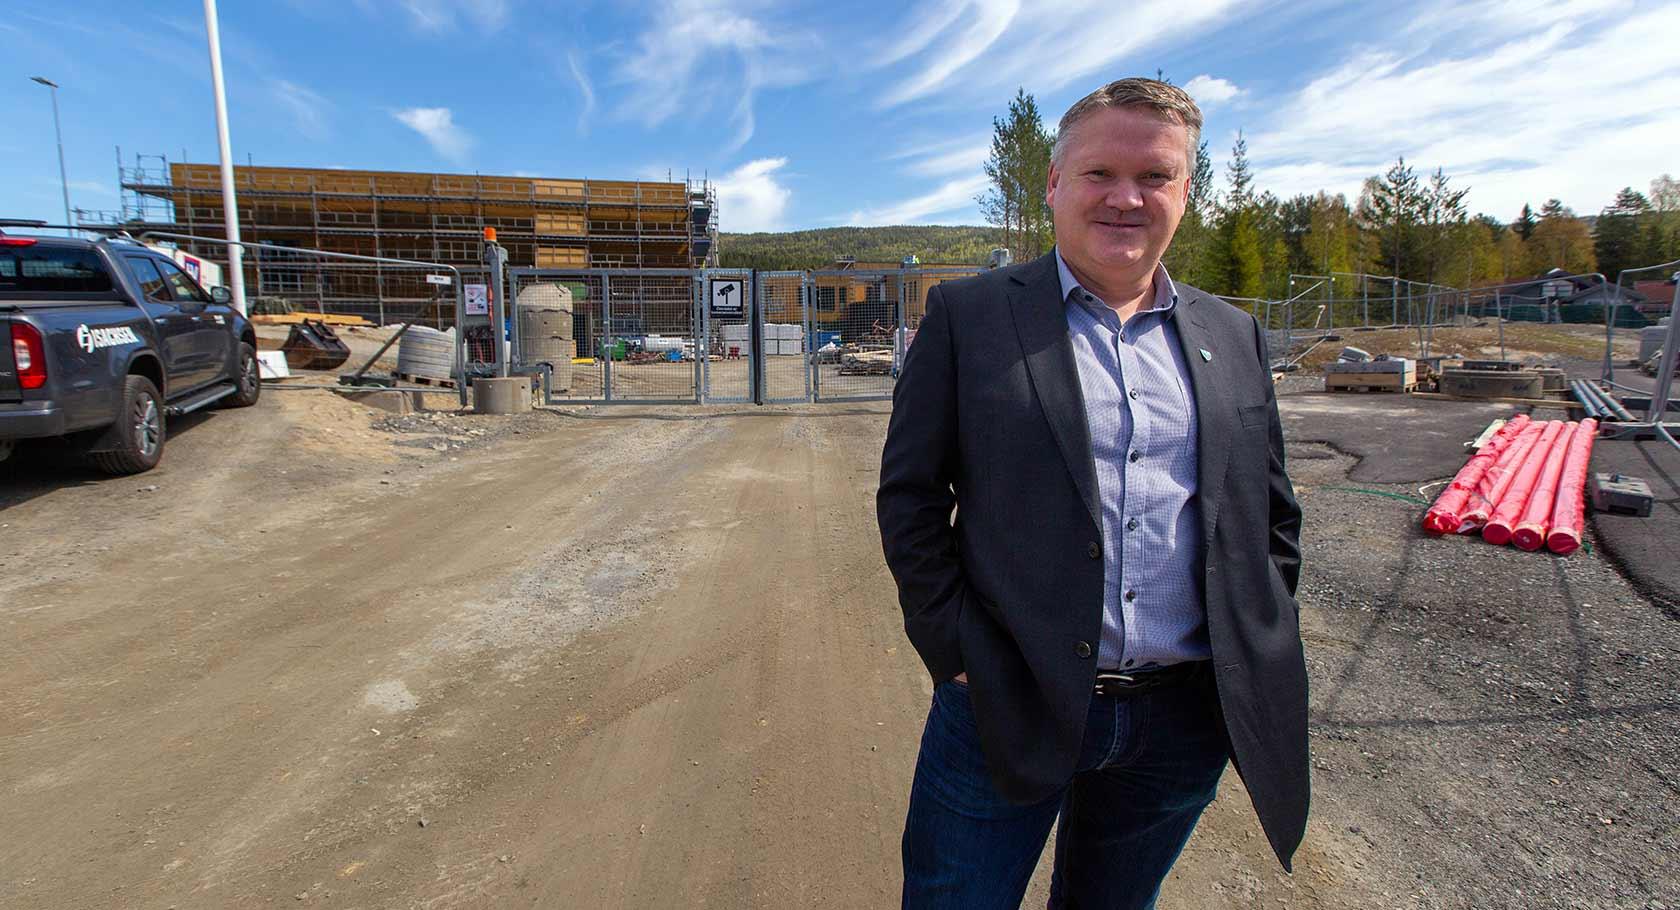 Rådmann Jon Gjæver Pedersen ble imponert over det han fikk se på anleggsområdet på Stevningsmoen. – Det er artig å se at ting nå begynner å falle på plass, sier Pedersen.